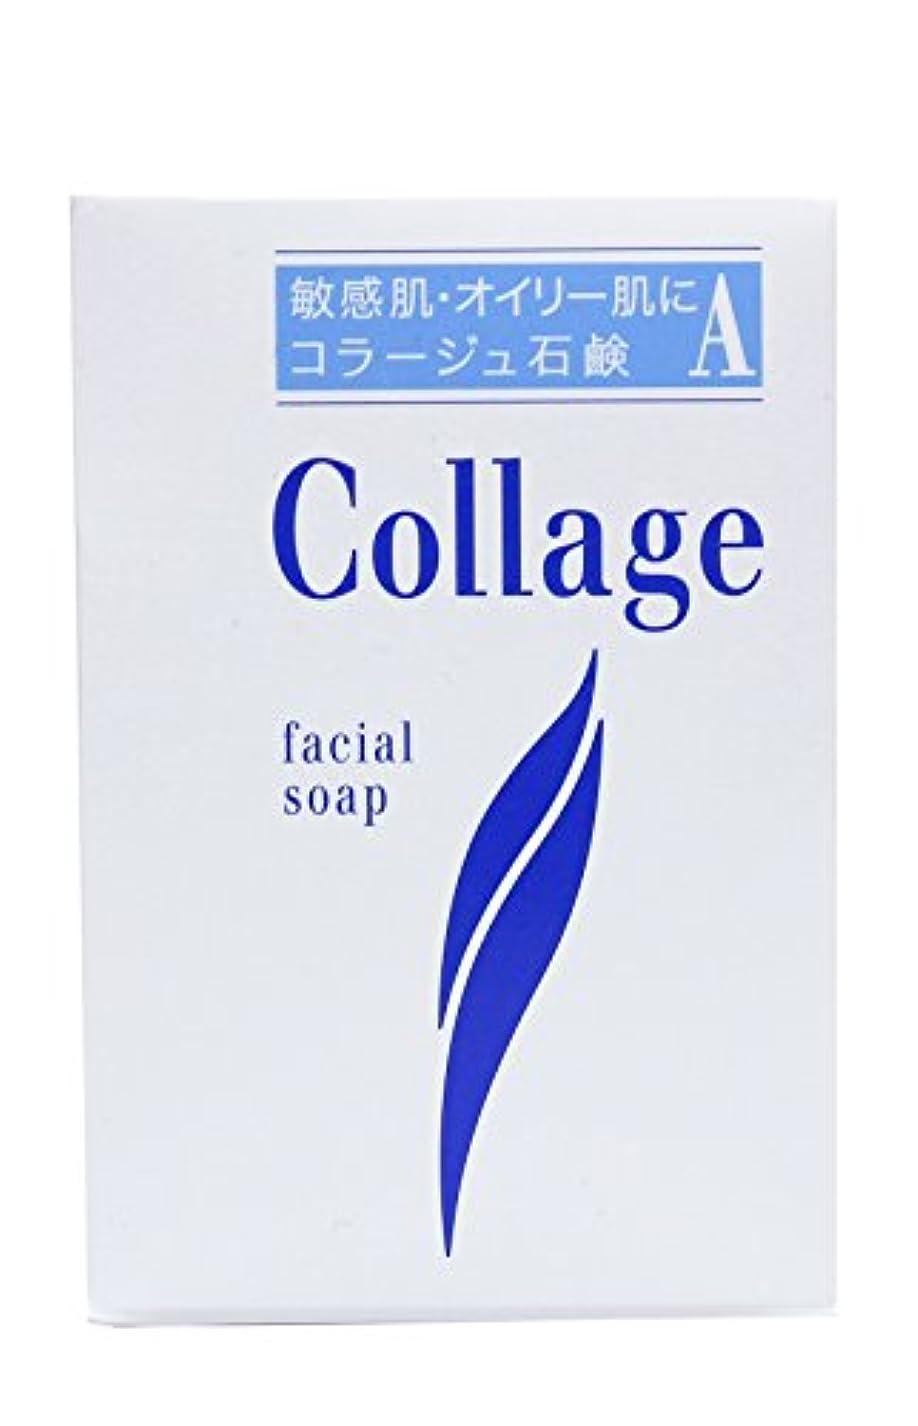 艶帝国奨励しますコラージュ A脂性肌用石鹸 100g